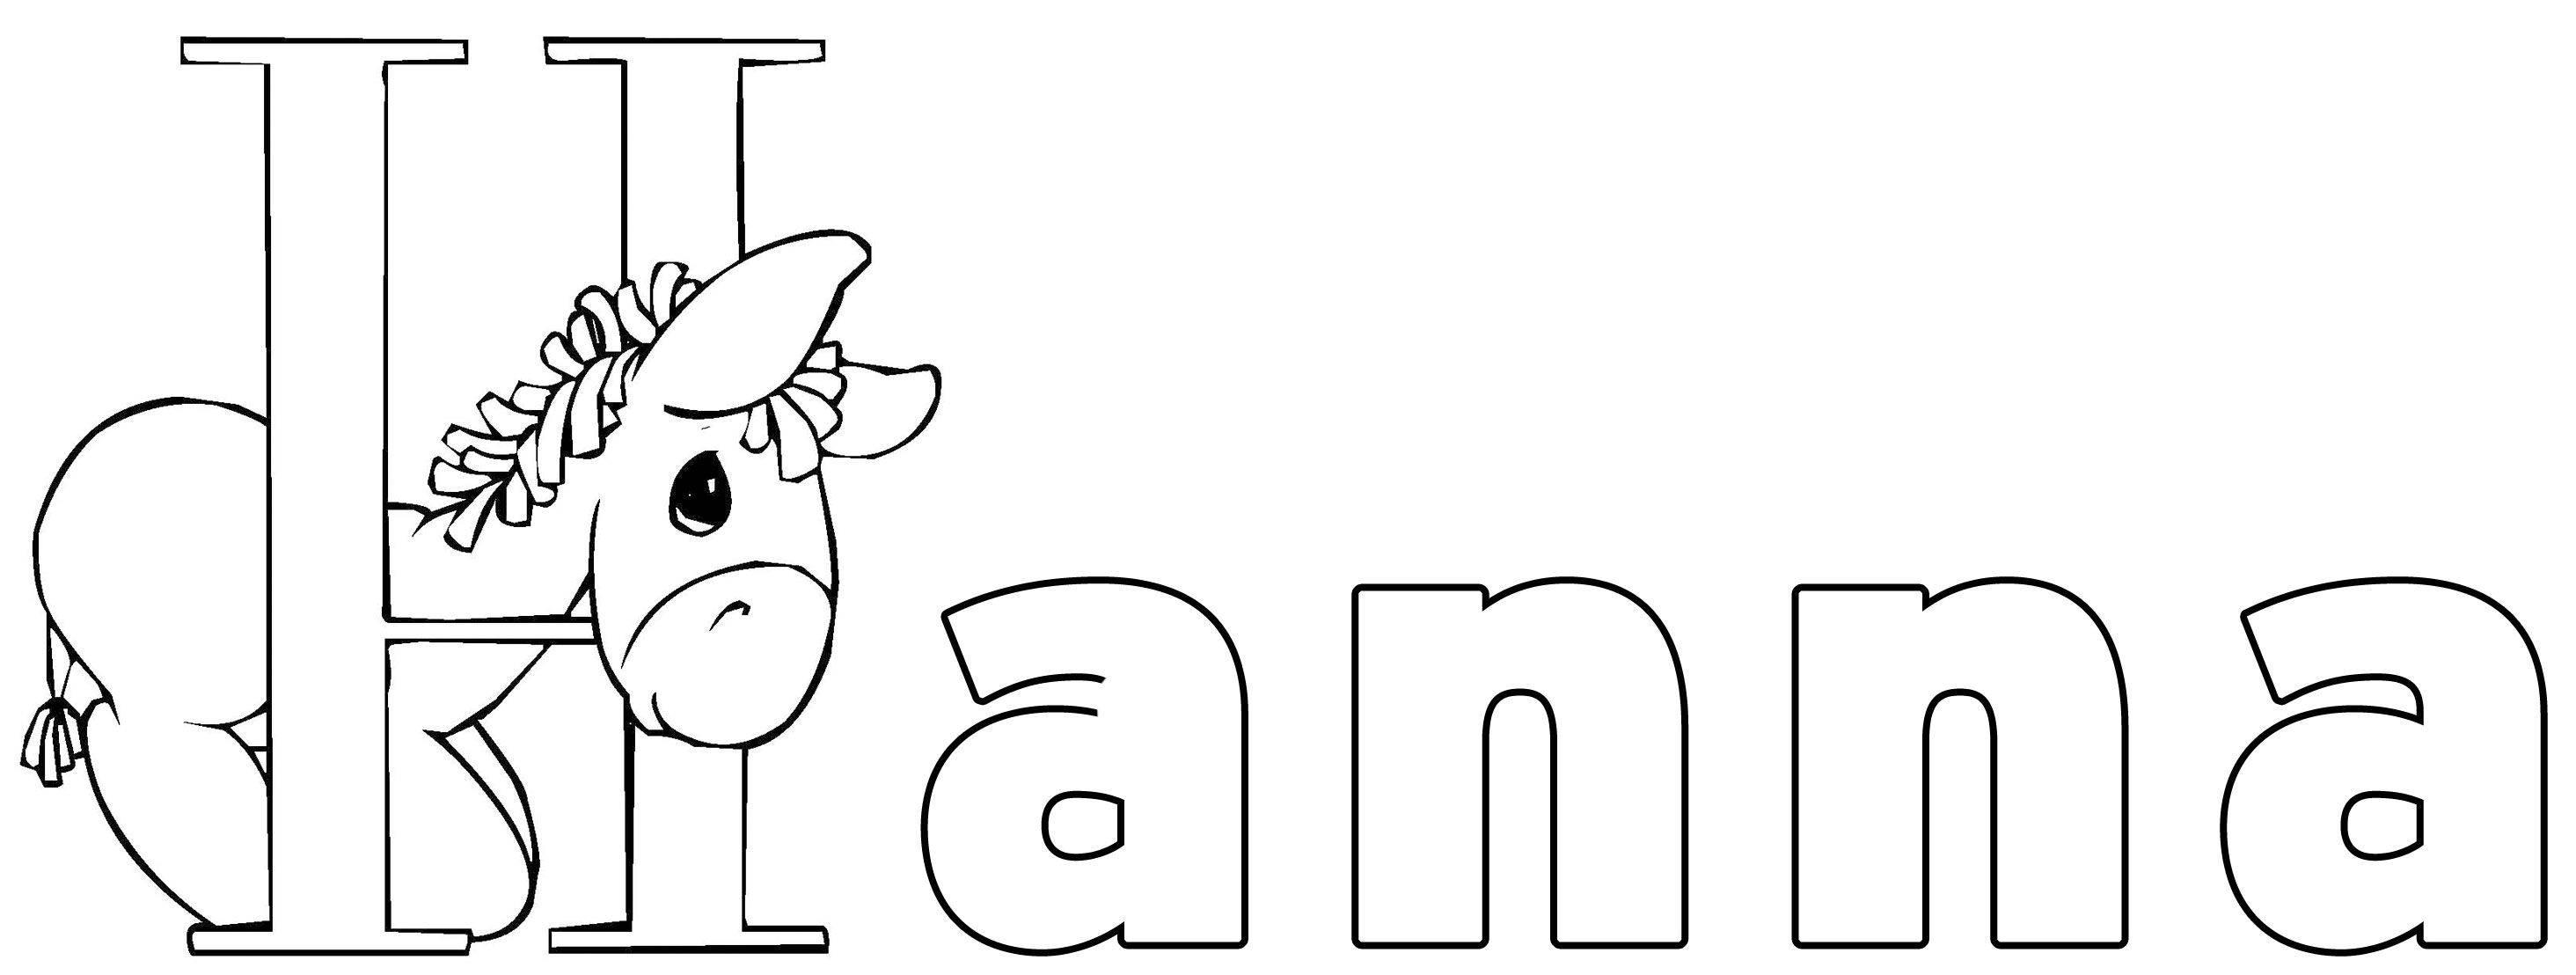 Ausmalbild Beliebte Mädchennamen: Hanna kostenlos ausdrucken